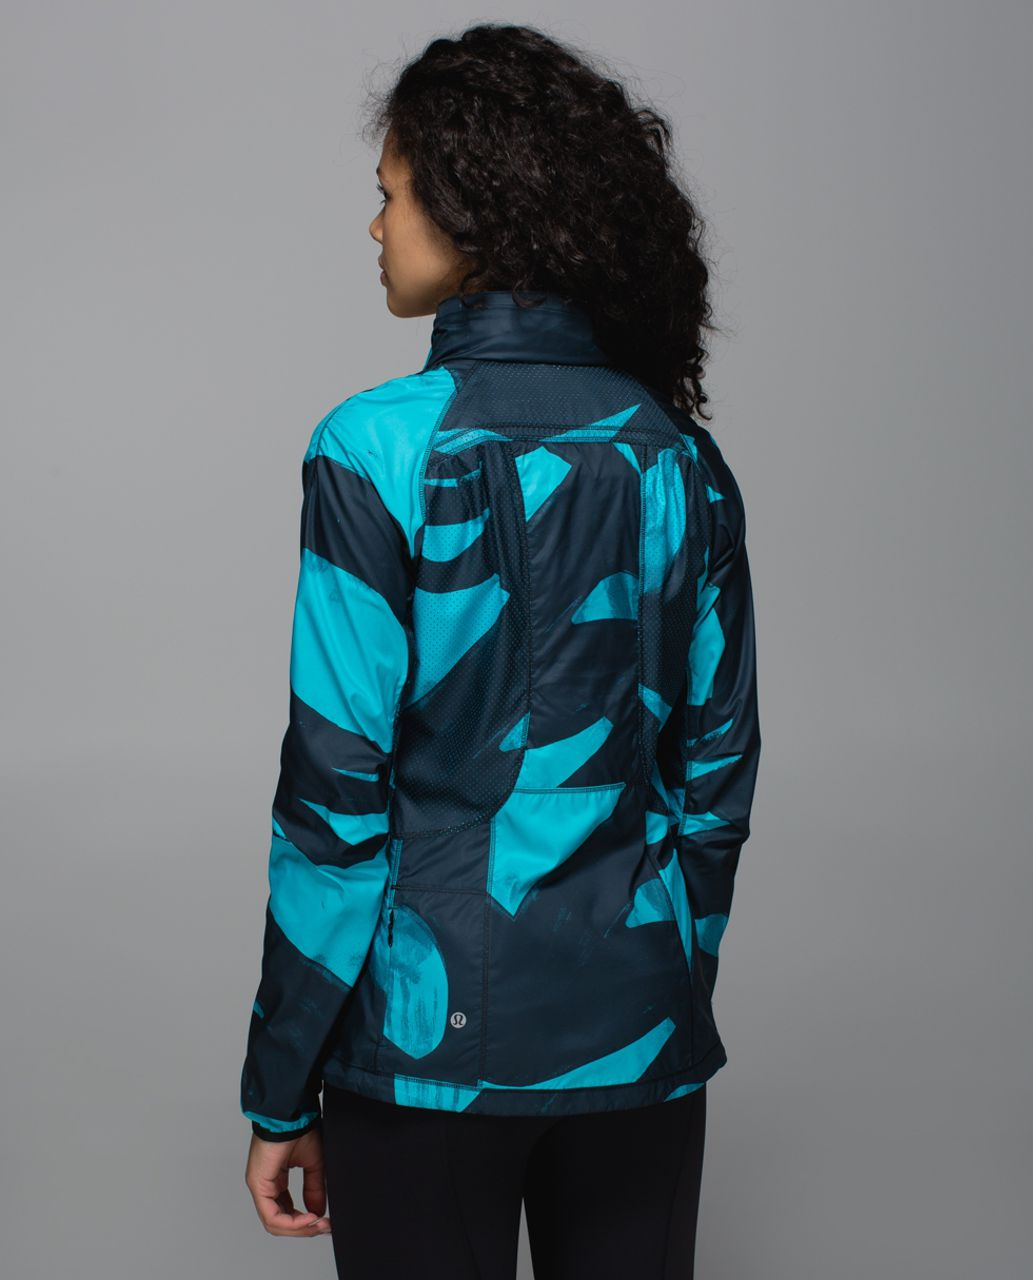 TEAL /& ROYAL PEACOCKS on a black  jacket